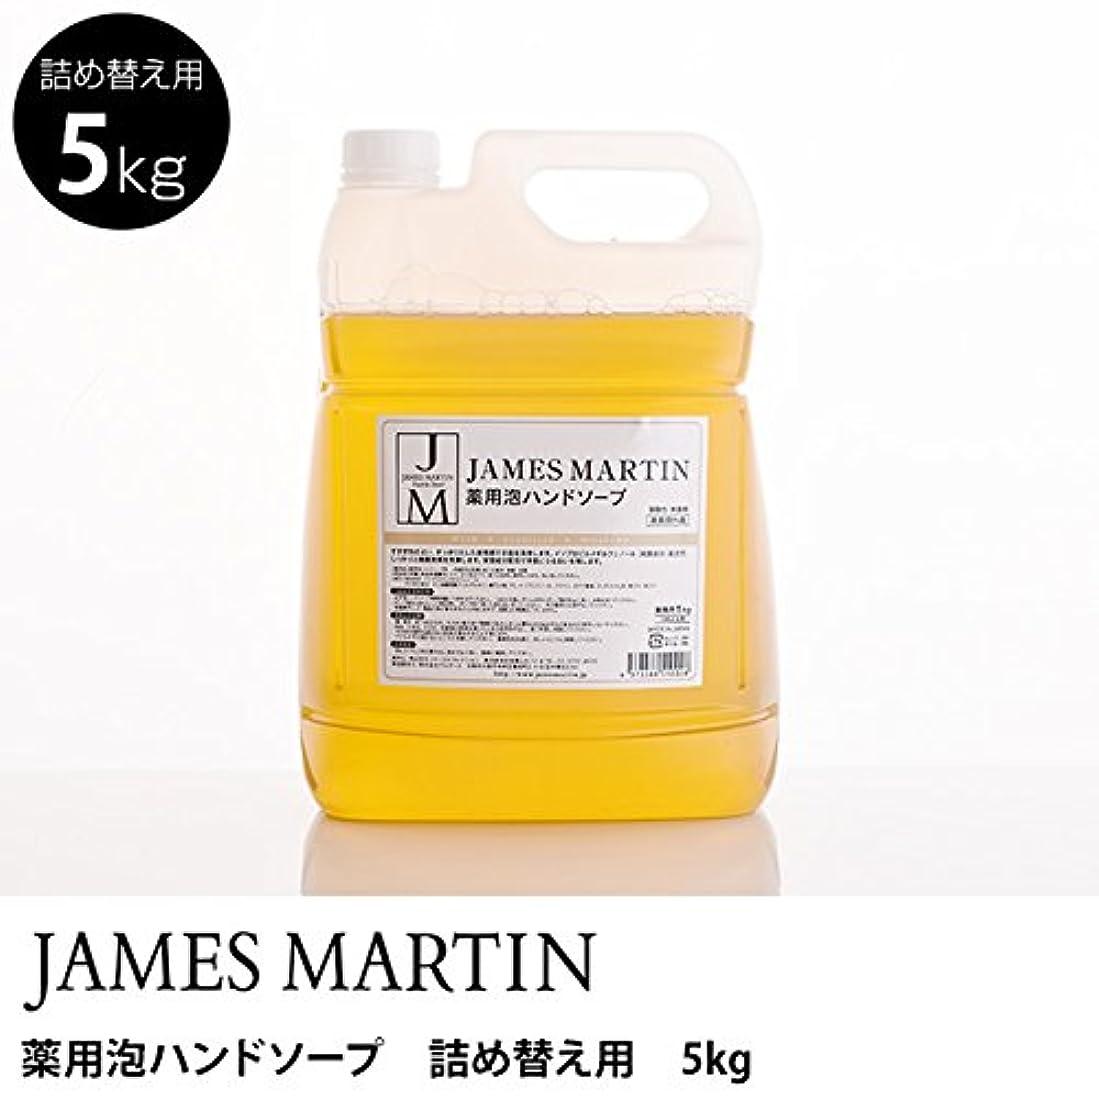 石の周り体系的にジェームズマーティン 薬用泡ハンドソープ(無香料) 詰替用 5kg